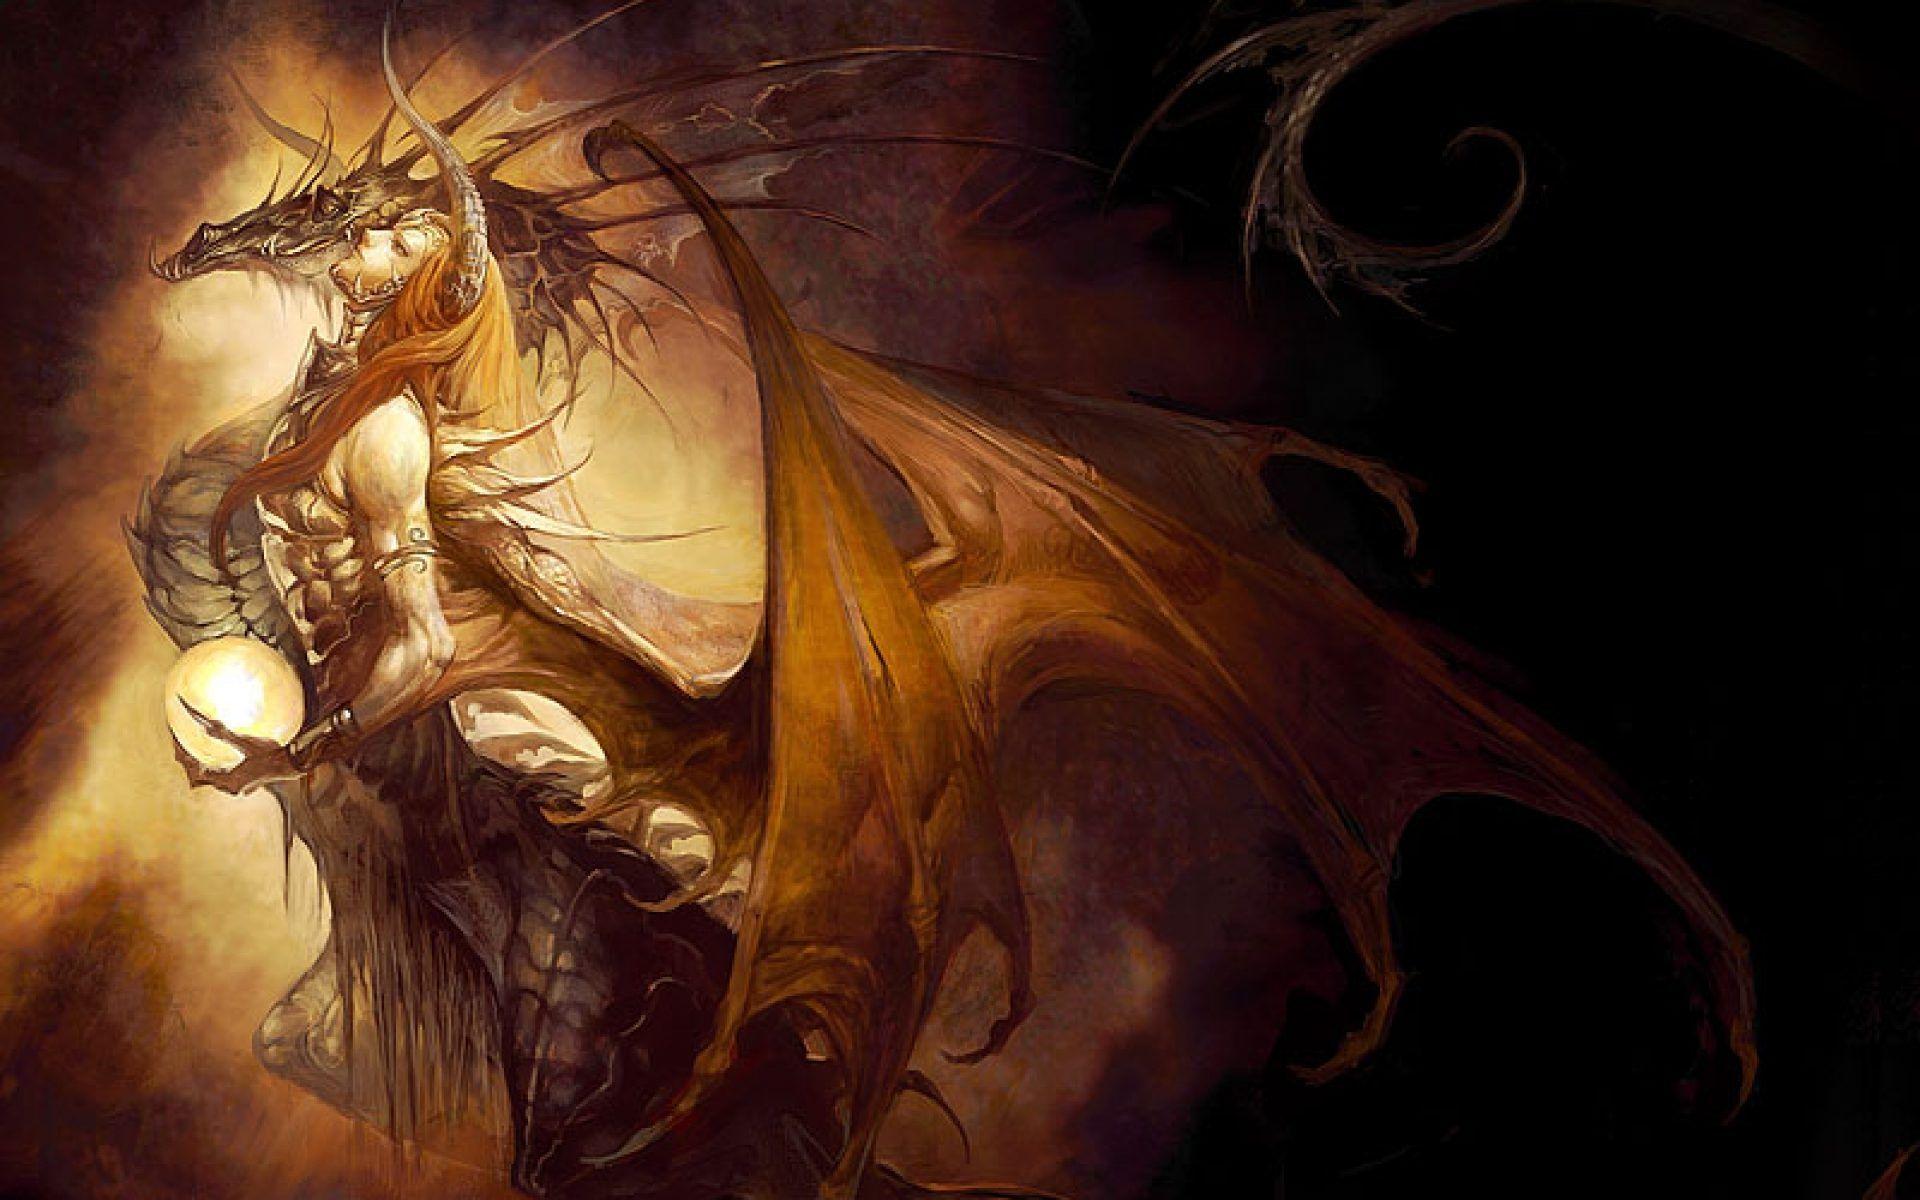 Desktophdwallpaper Org Soul Art Female Dragon Mythical Dragons